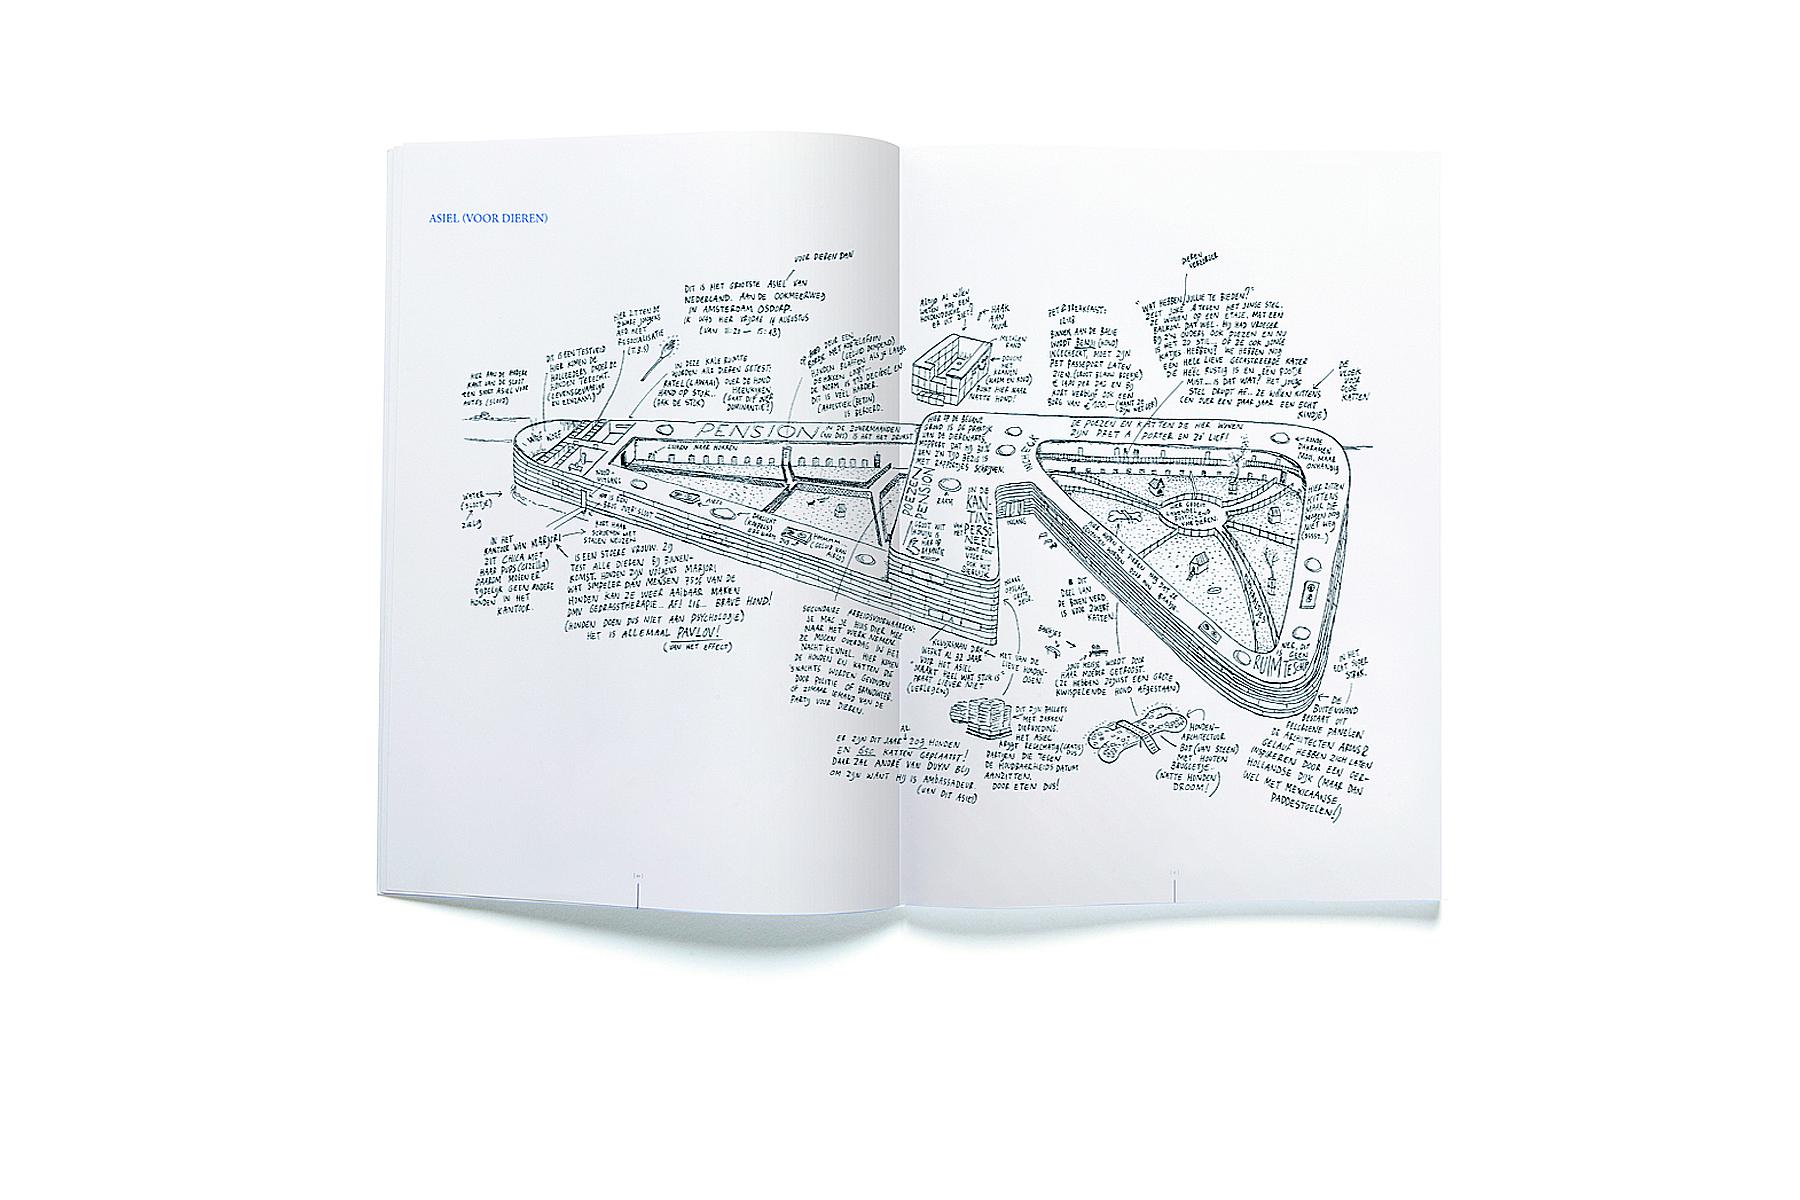 JAN ROTHUIZEN-De Zachte Atlas van Amsterdam